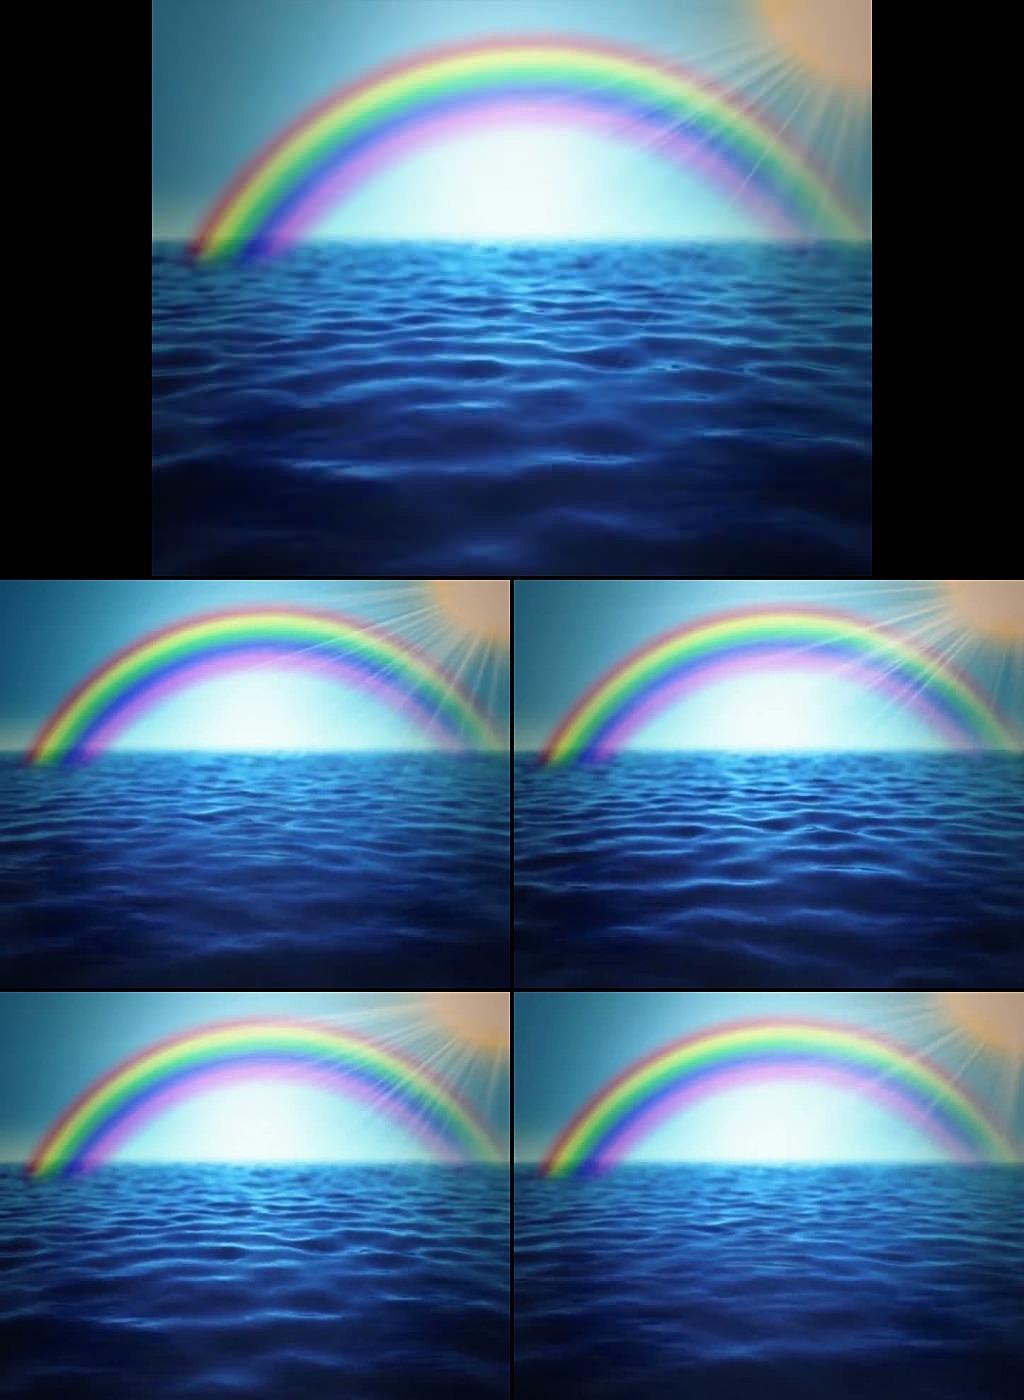 海上彩虹阳光视频